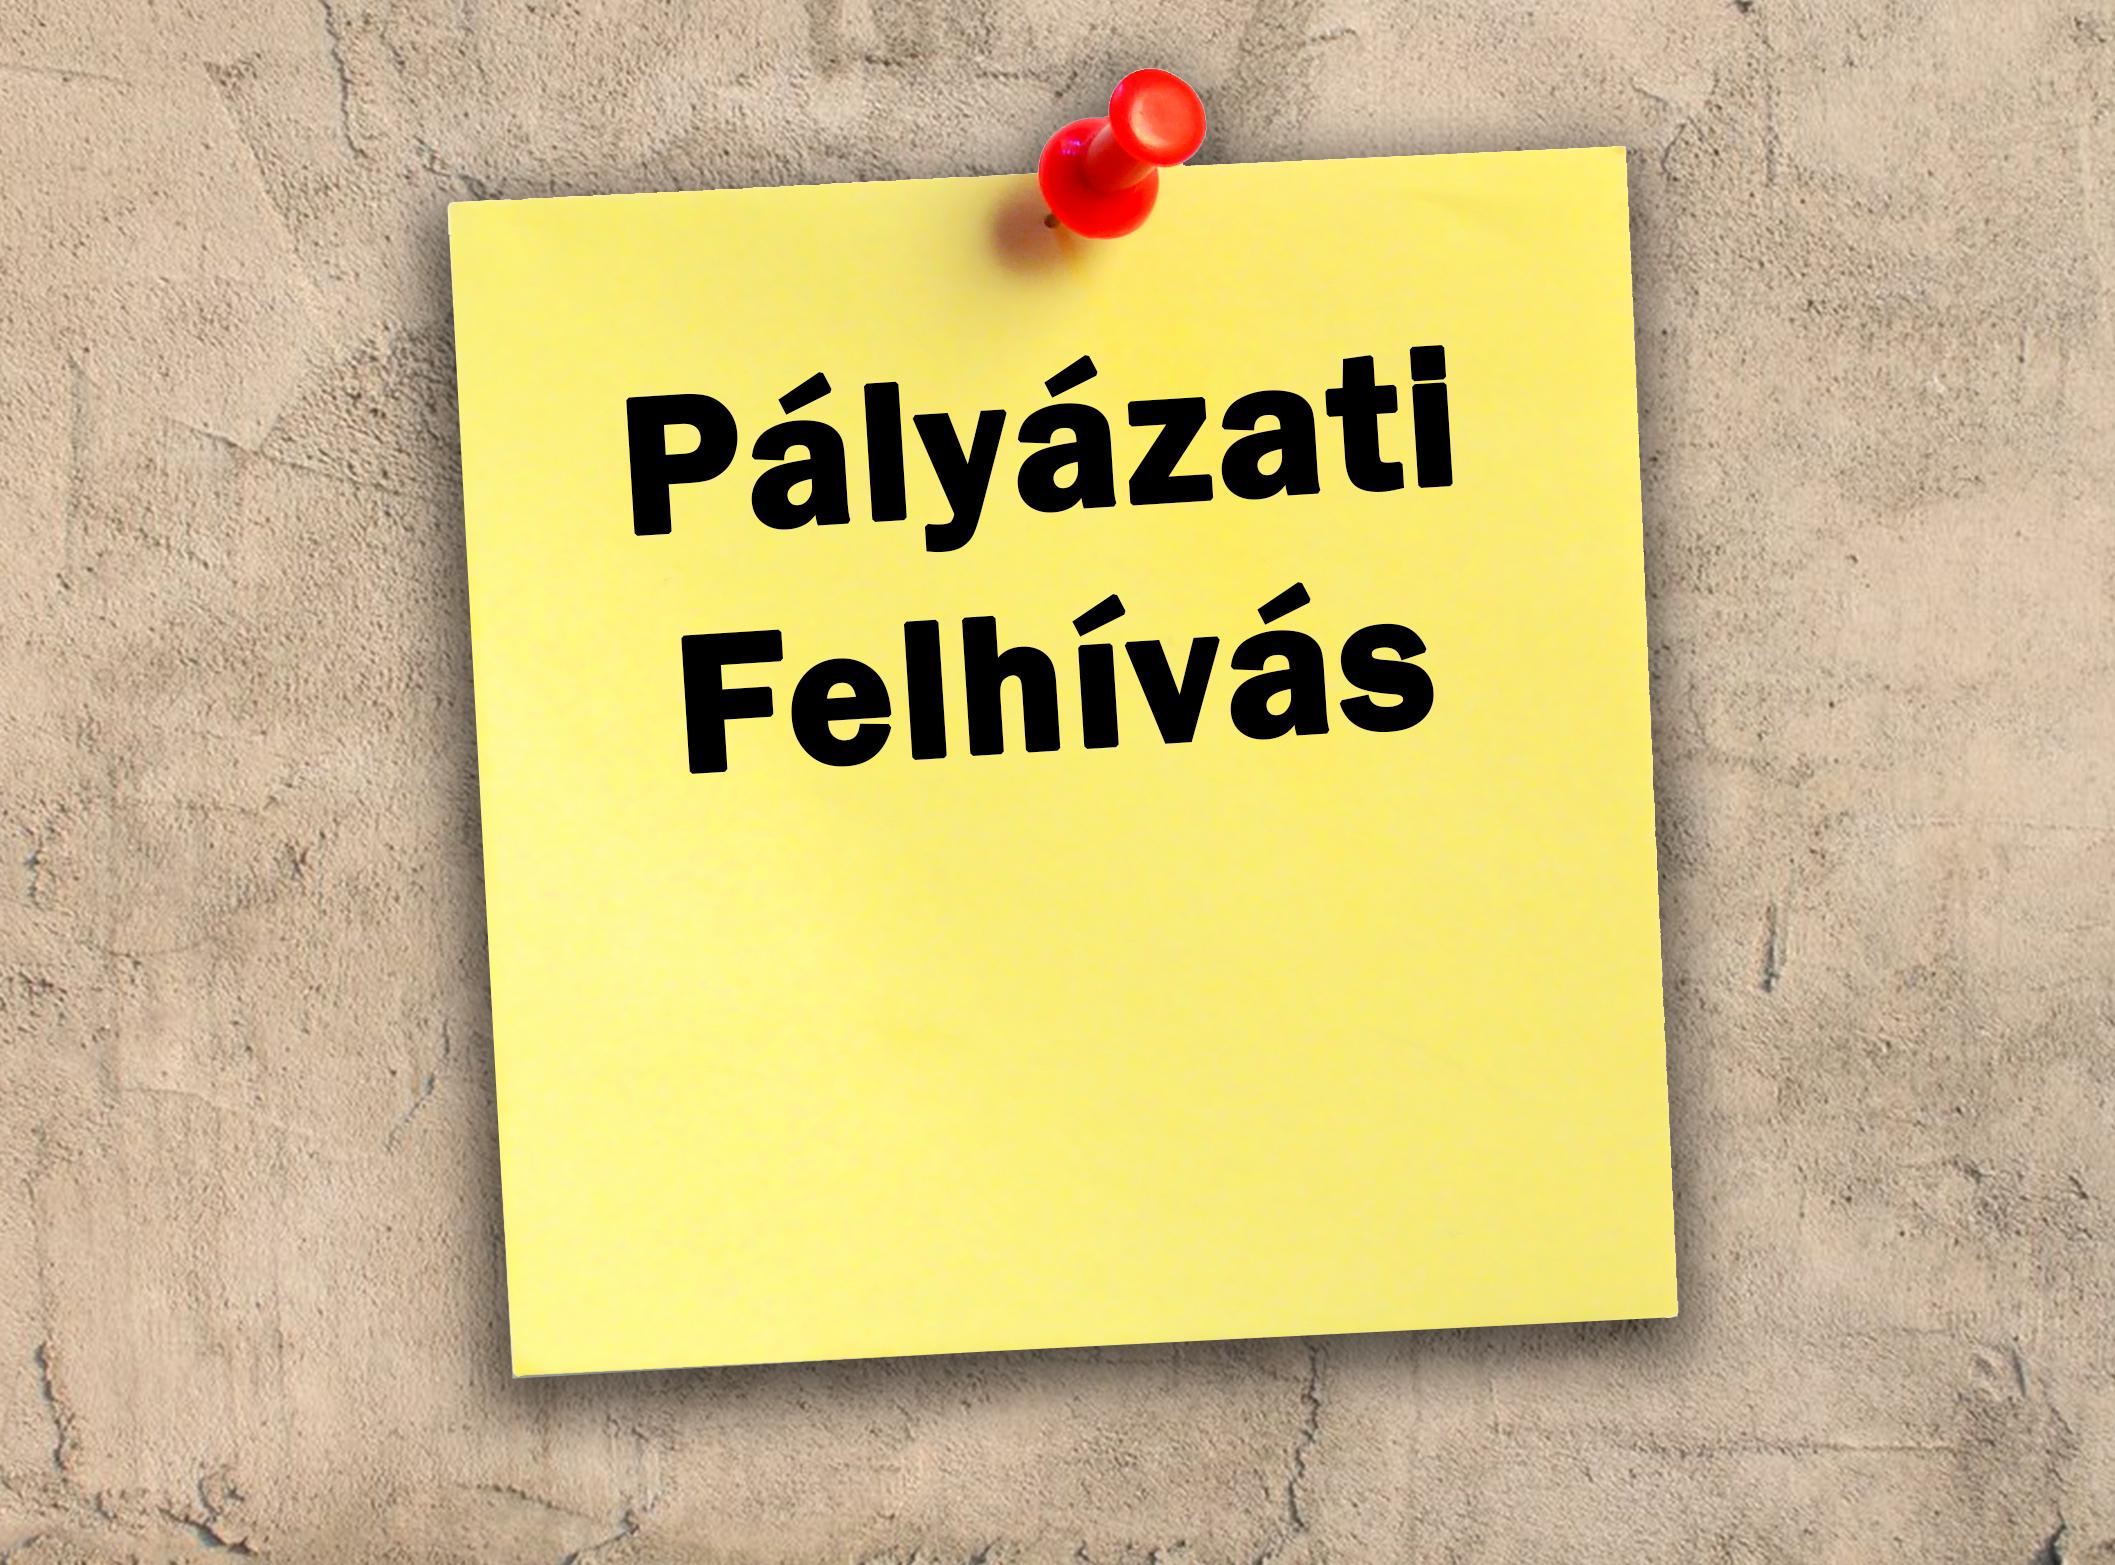 Pályázati felhívás-Derecske, Semmelweis u. 26.